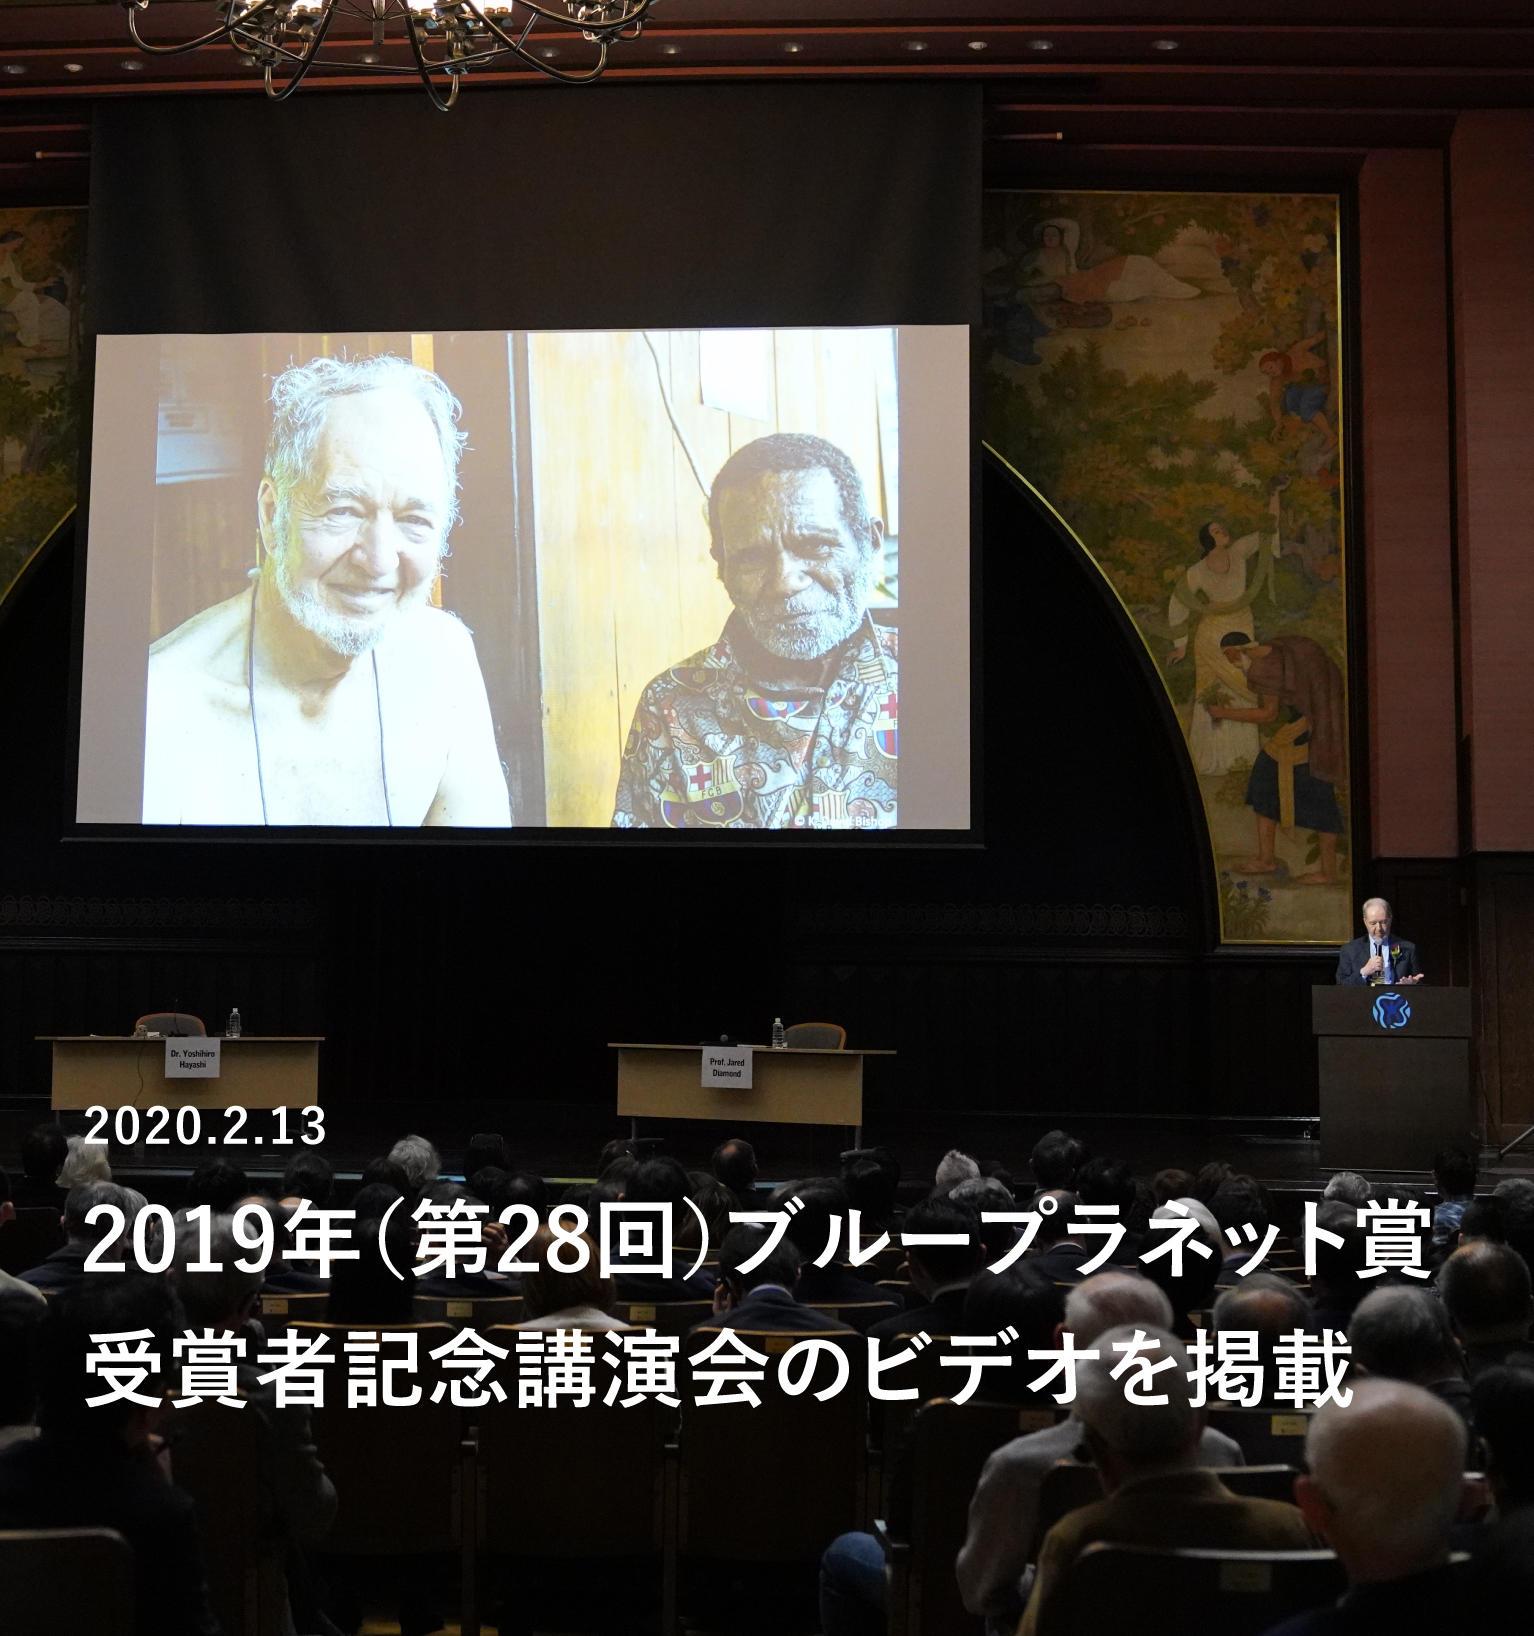 2019年(第28回)ブループラネット賞 受賞者記念講演会(東京・京都)を開催【講演のビデオを掲載しました】